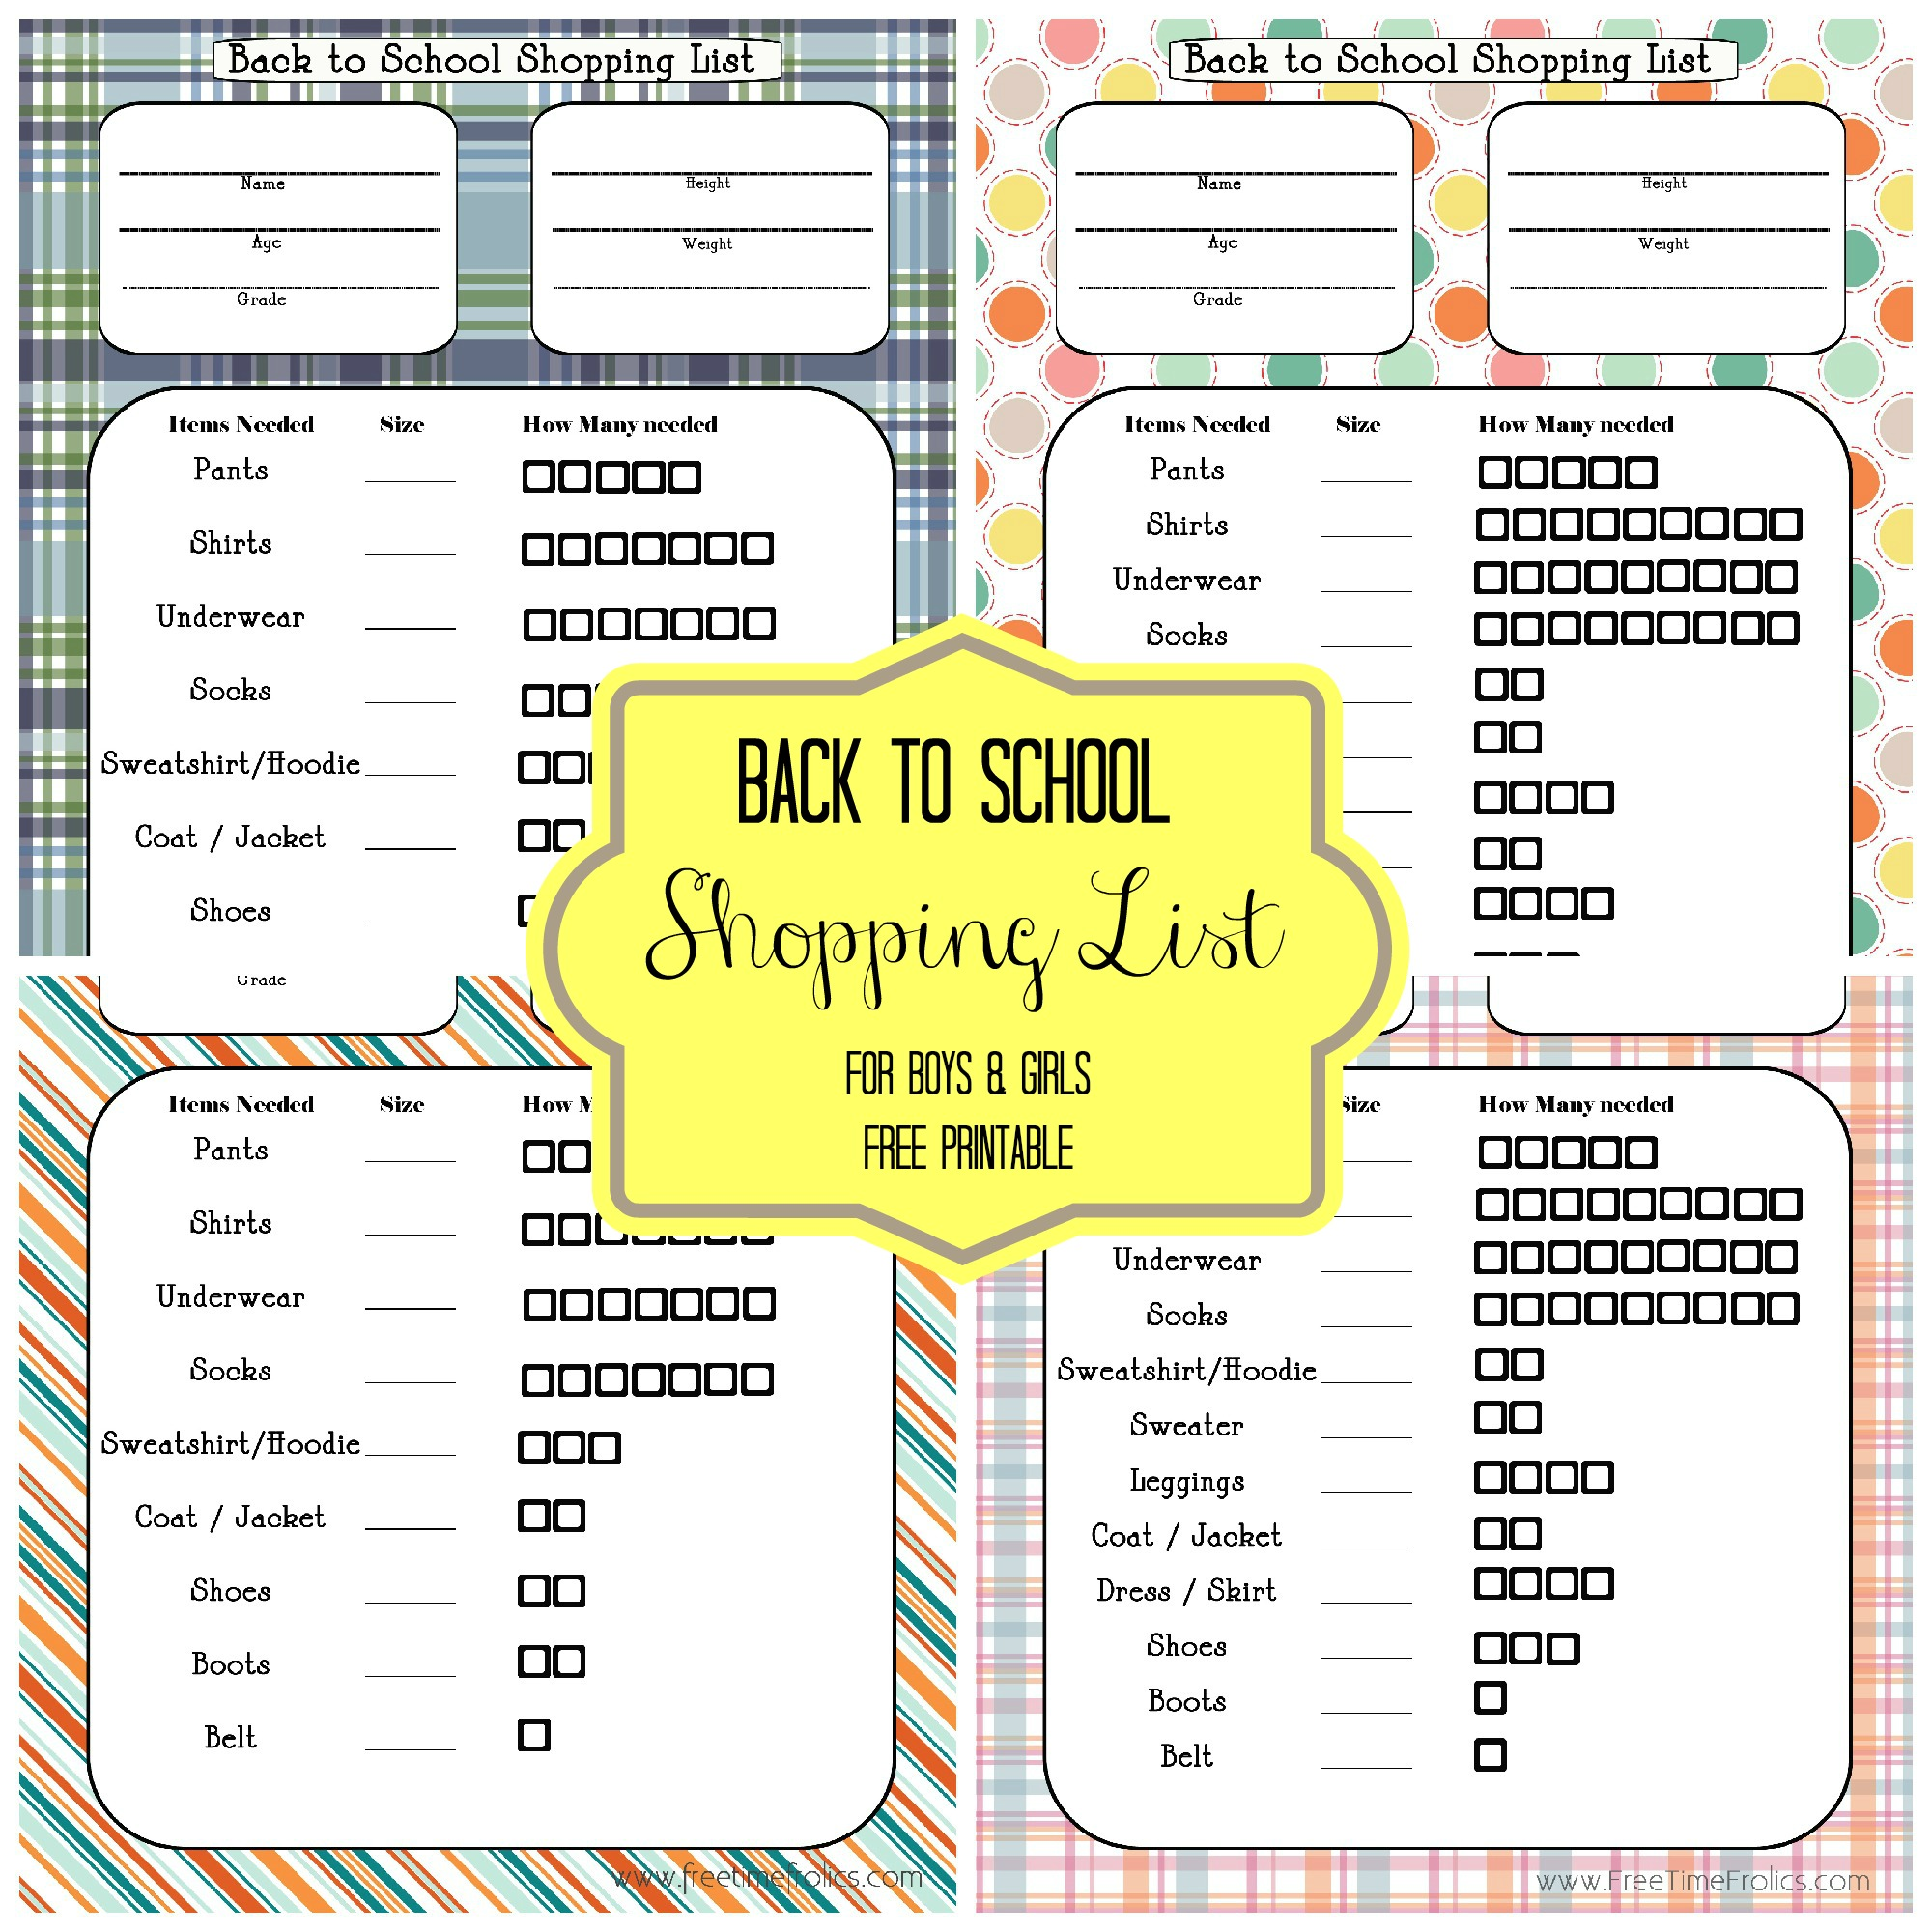 Back To School Blast Shopping List Free Printable